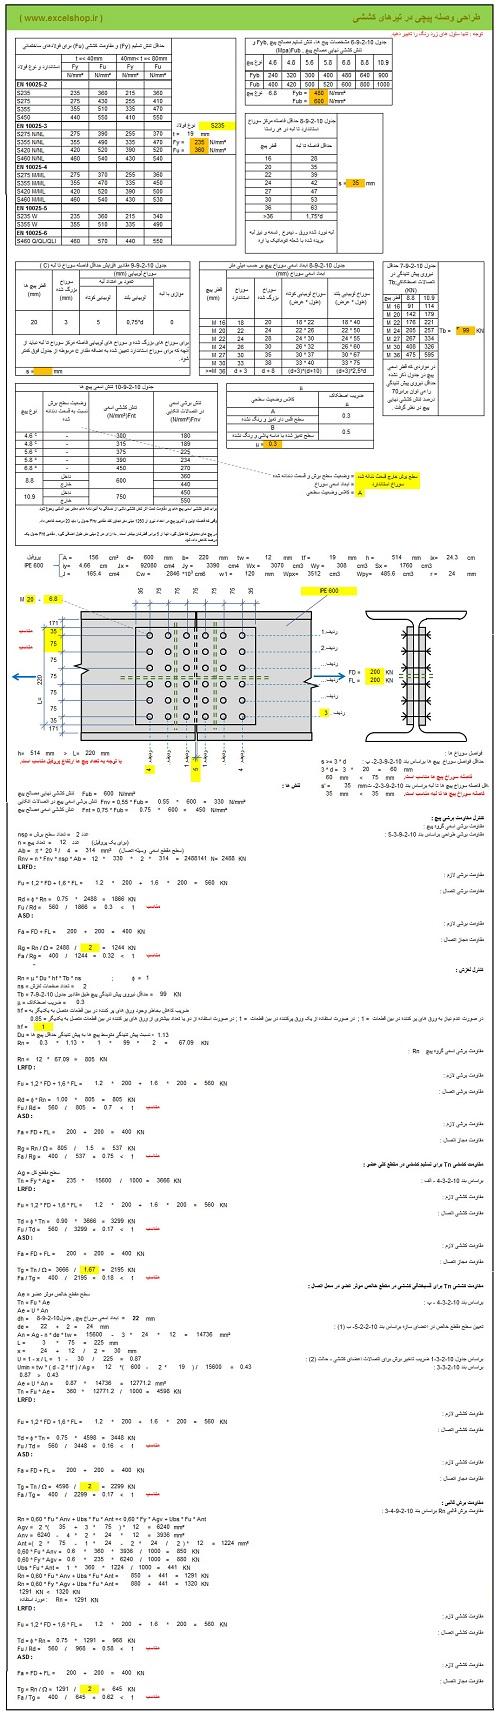 آموزش طراحی اتصالات در سازه های فولادی